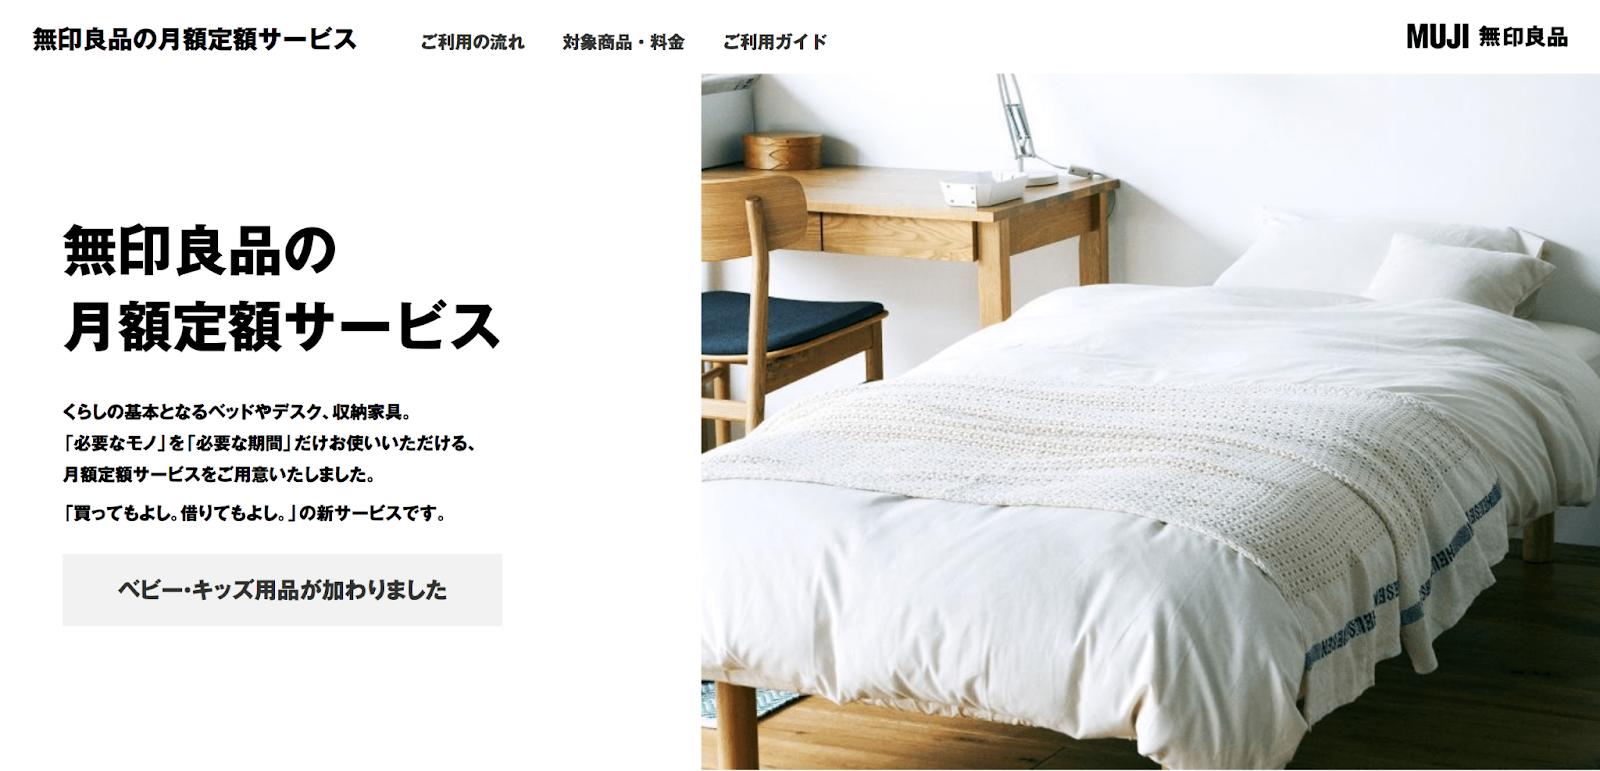 無印良品 家具レンタル ホームページ